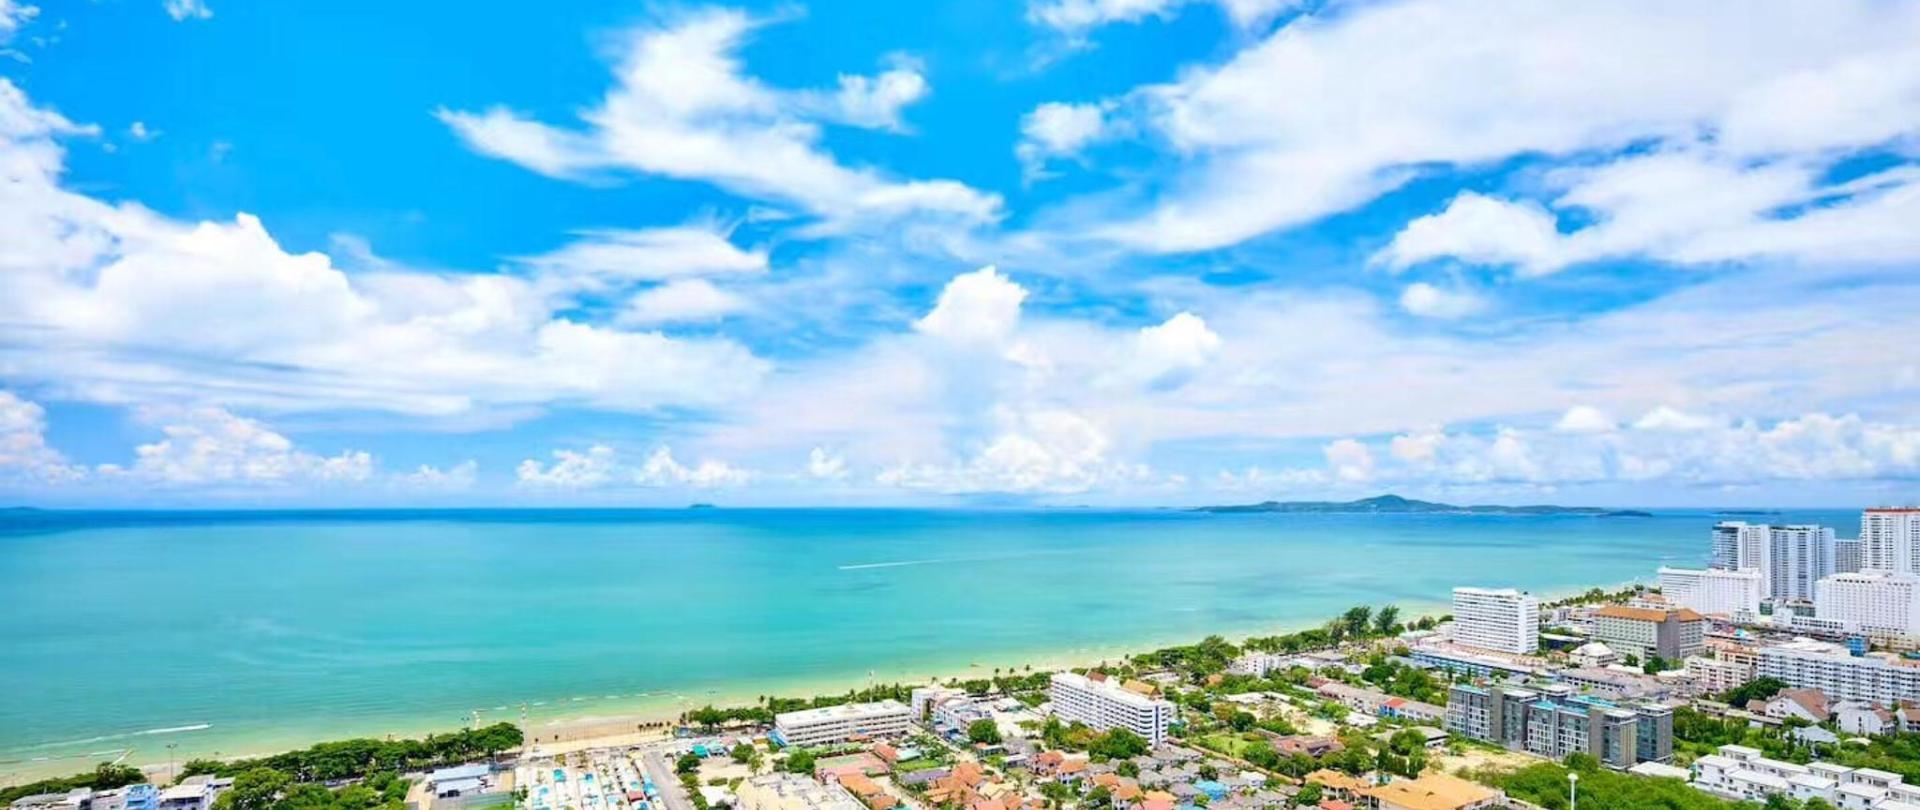 Kết quả hình ảnh cho pattaya beach